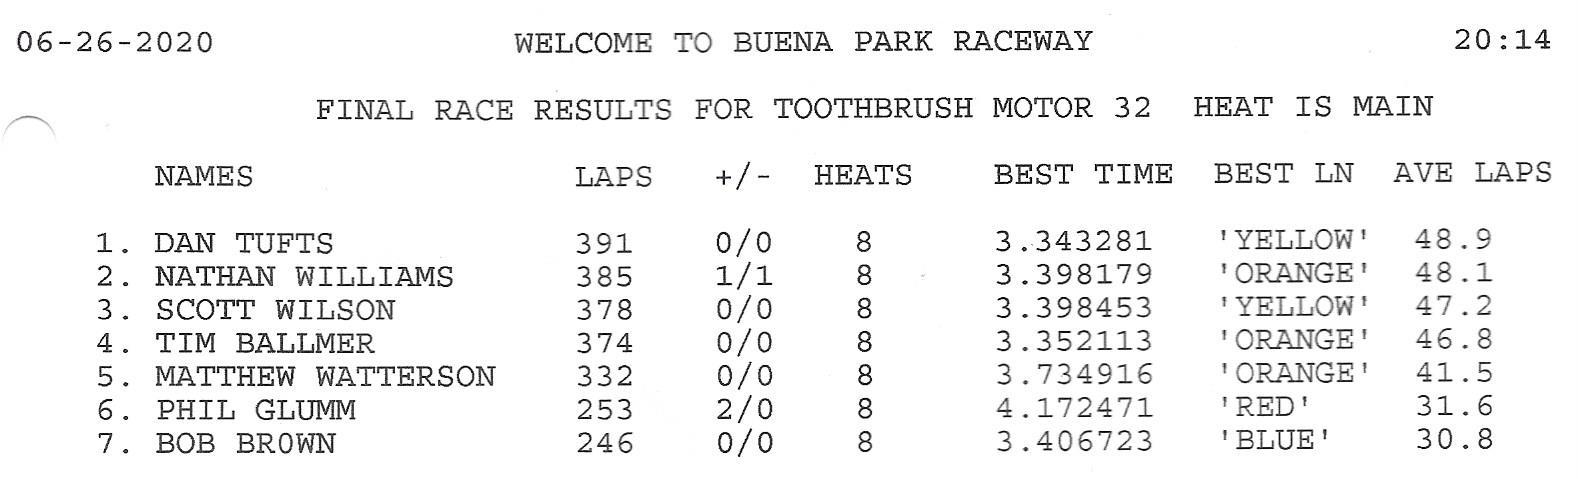 62620 tb results.jpeg